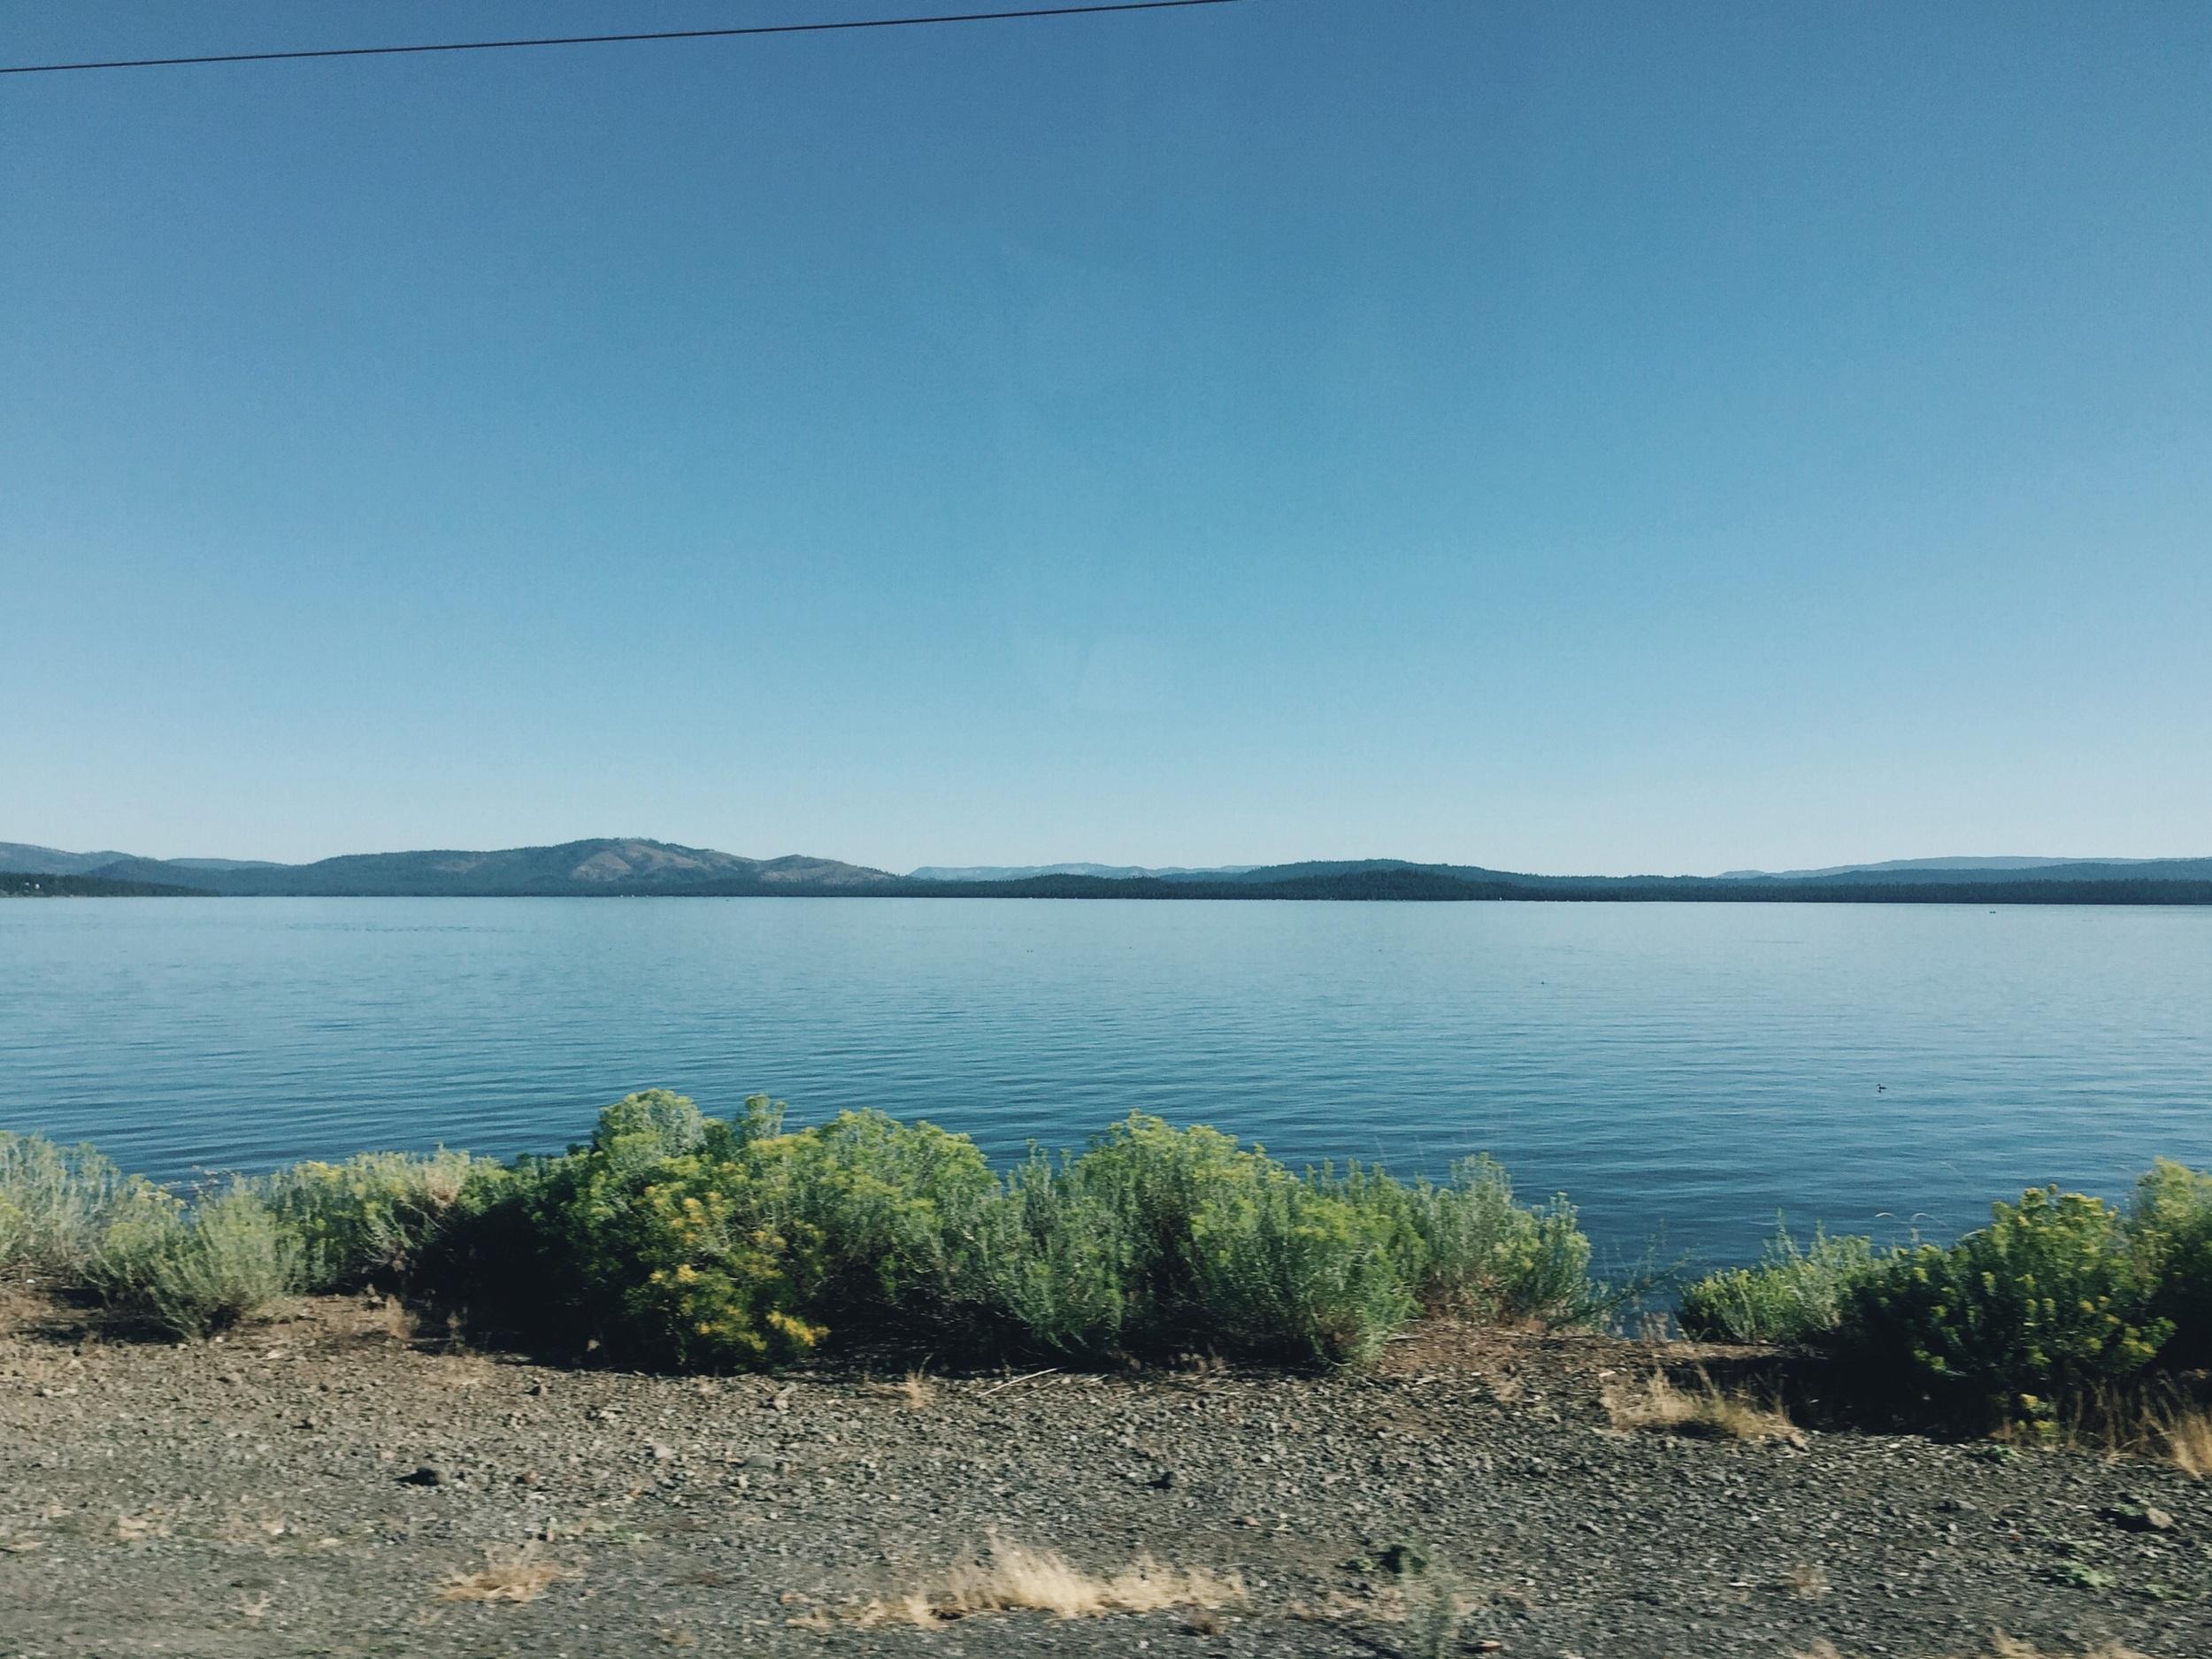 Lake almanor so peaceful.